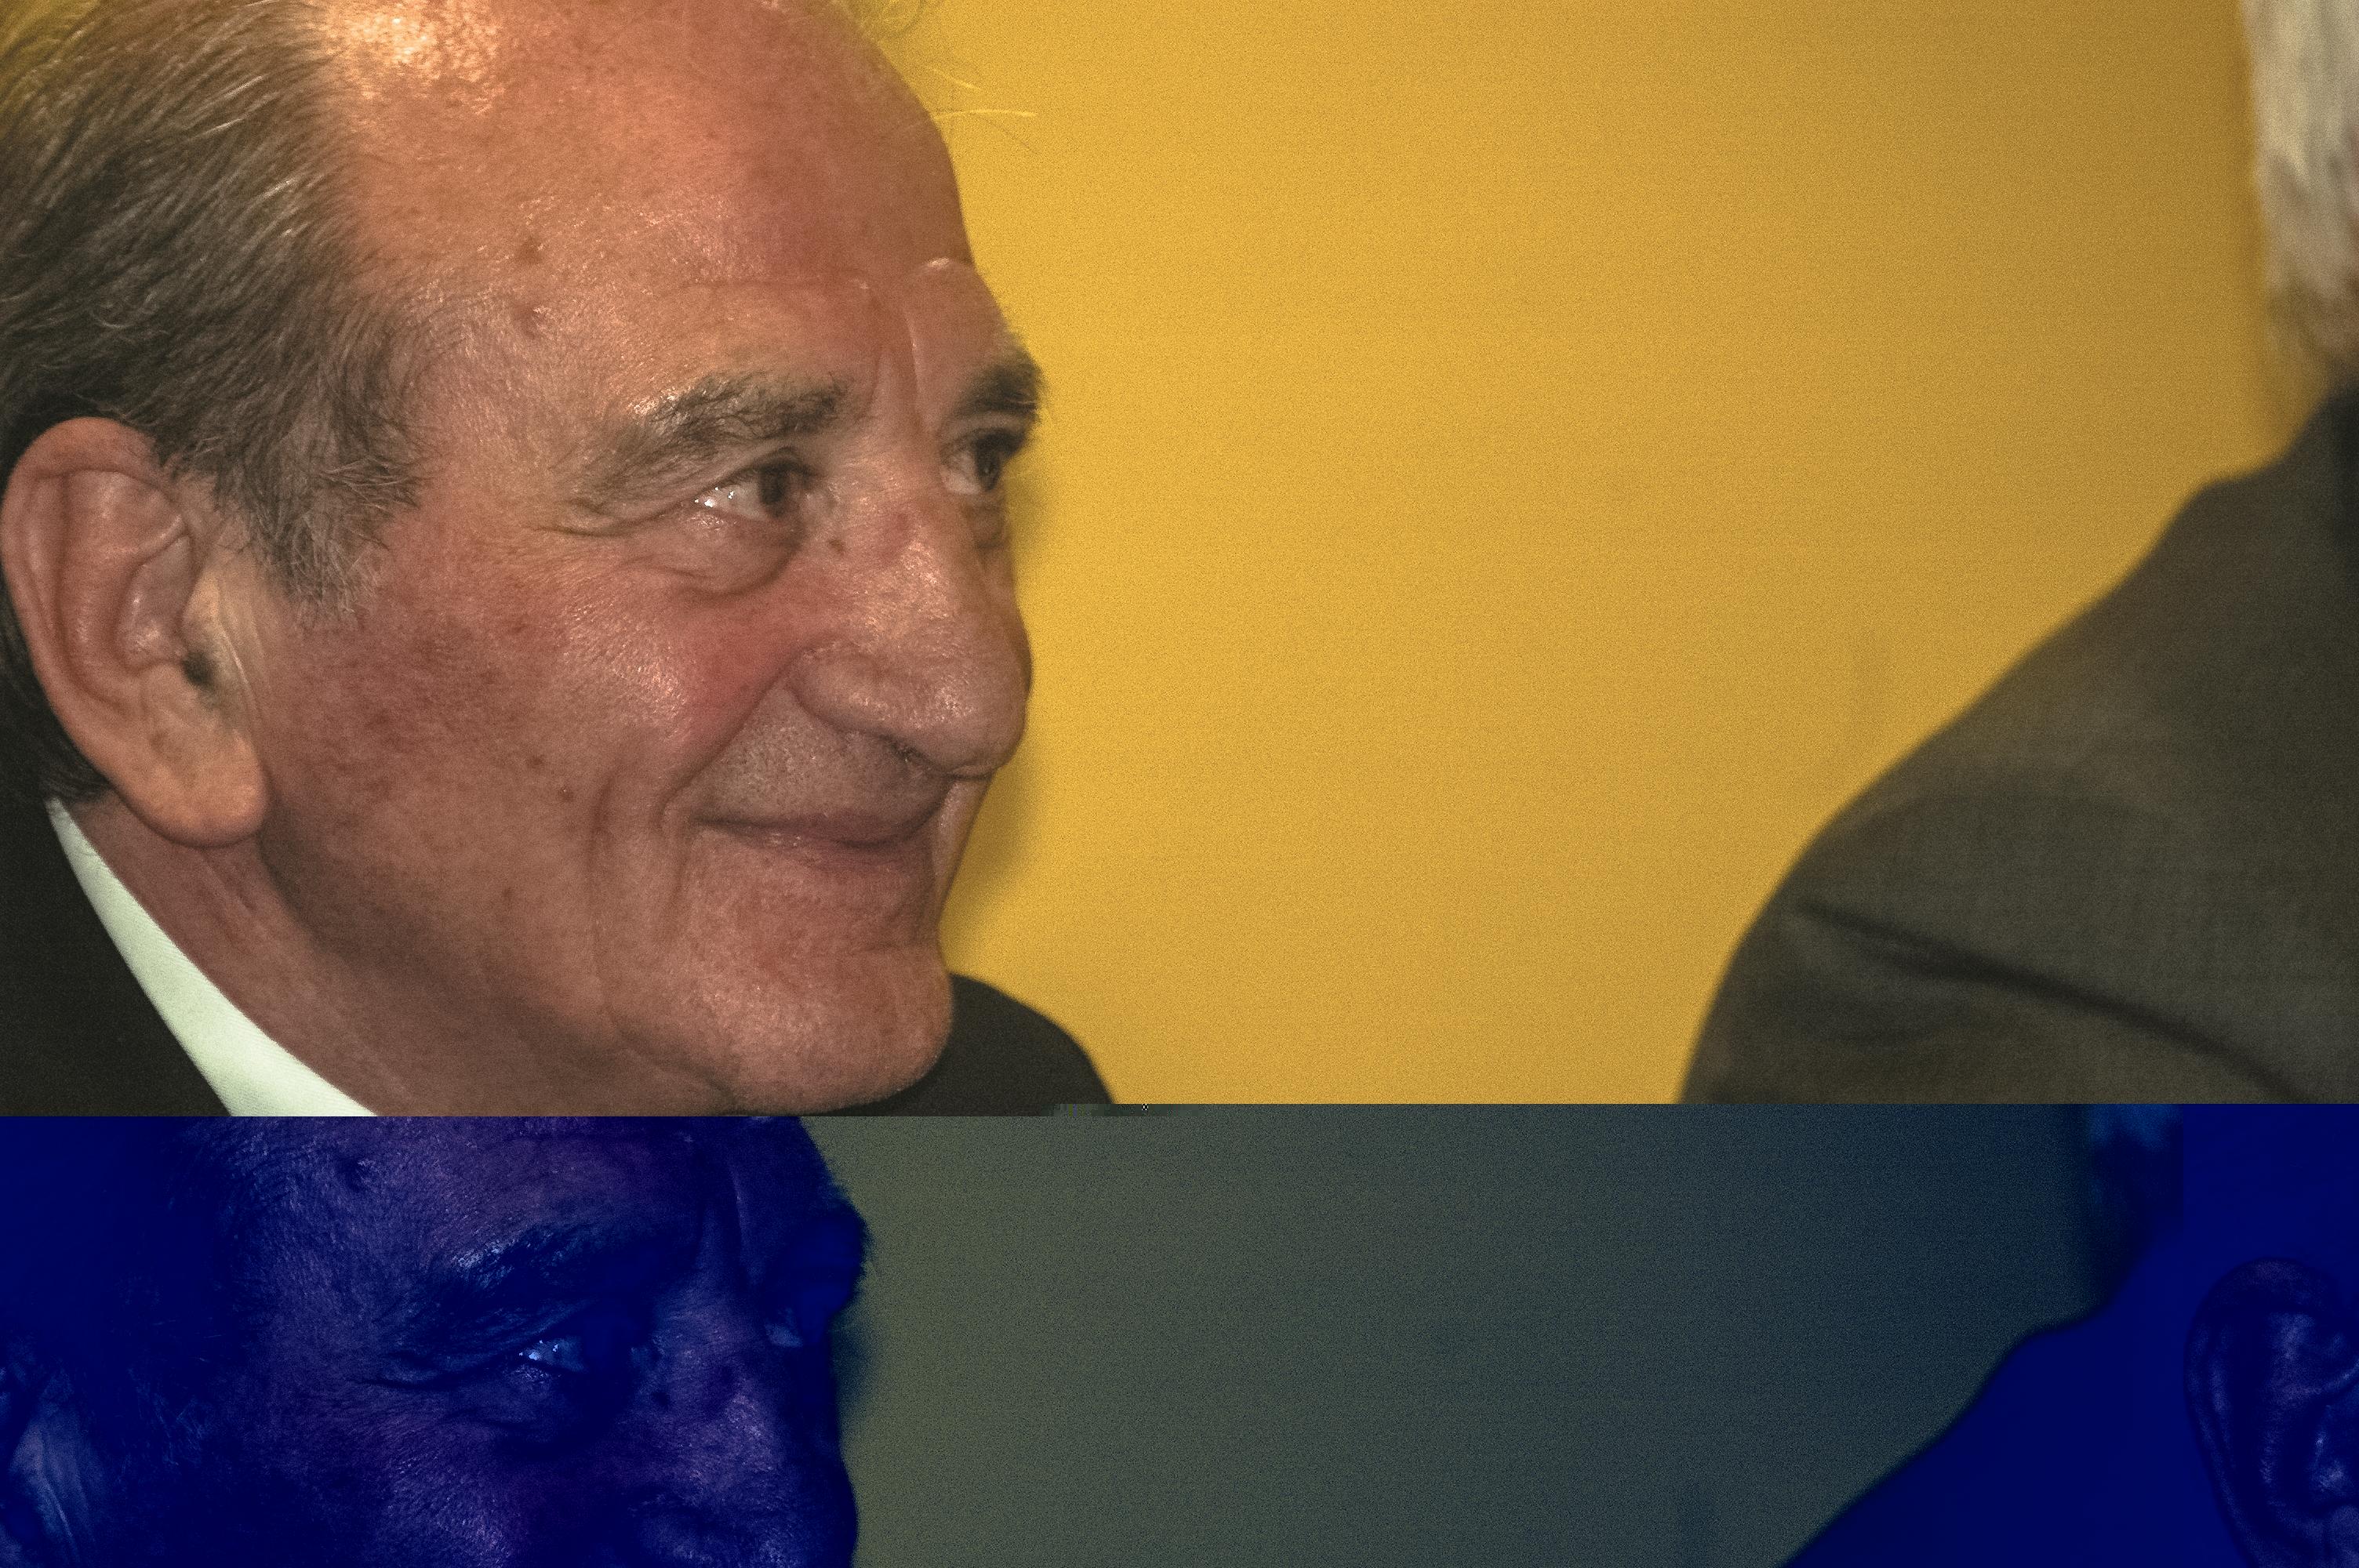 """Presentazione del libro di Vittorio Russo """"Transiberiana"""" a Più Libri Più Liberi. Nella foto: l'autore Vittorio Russo."""